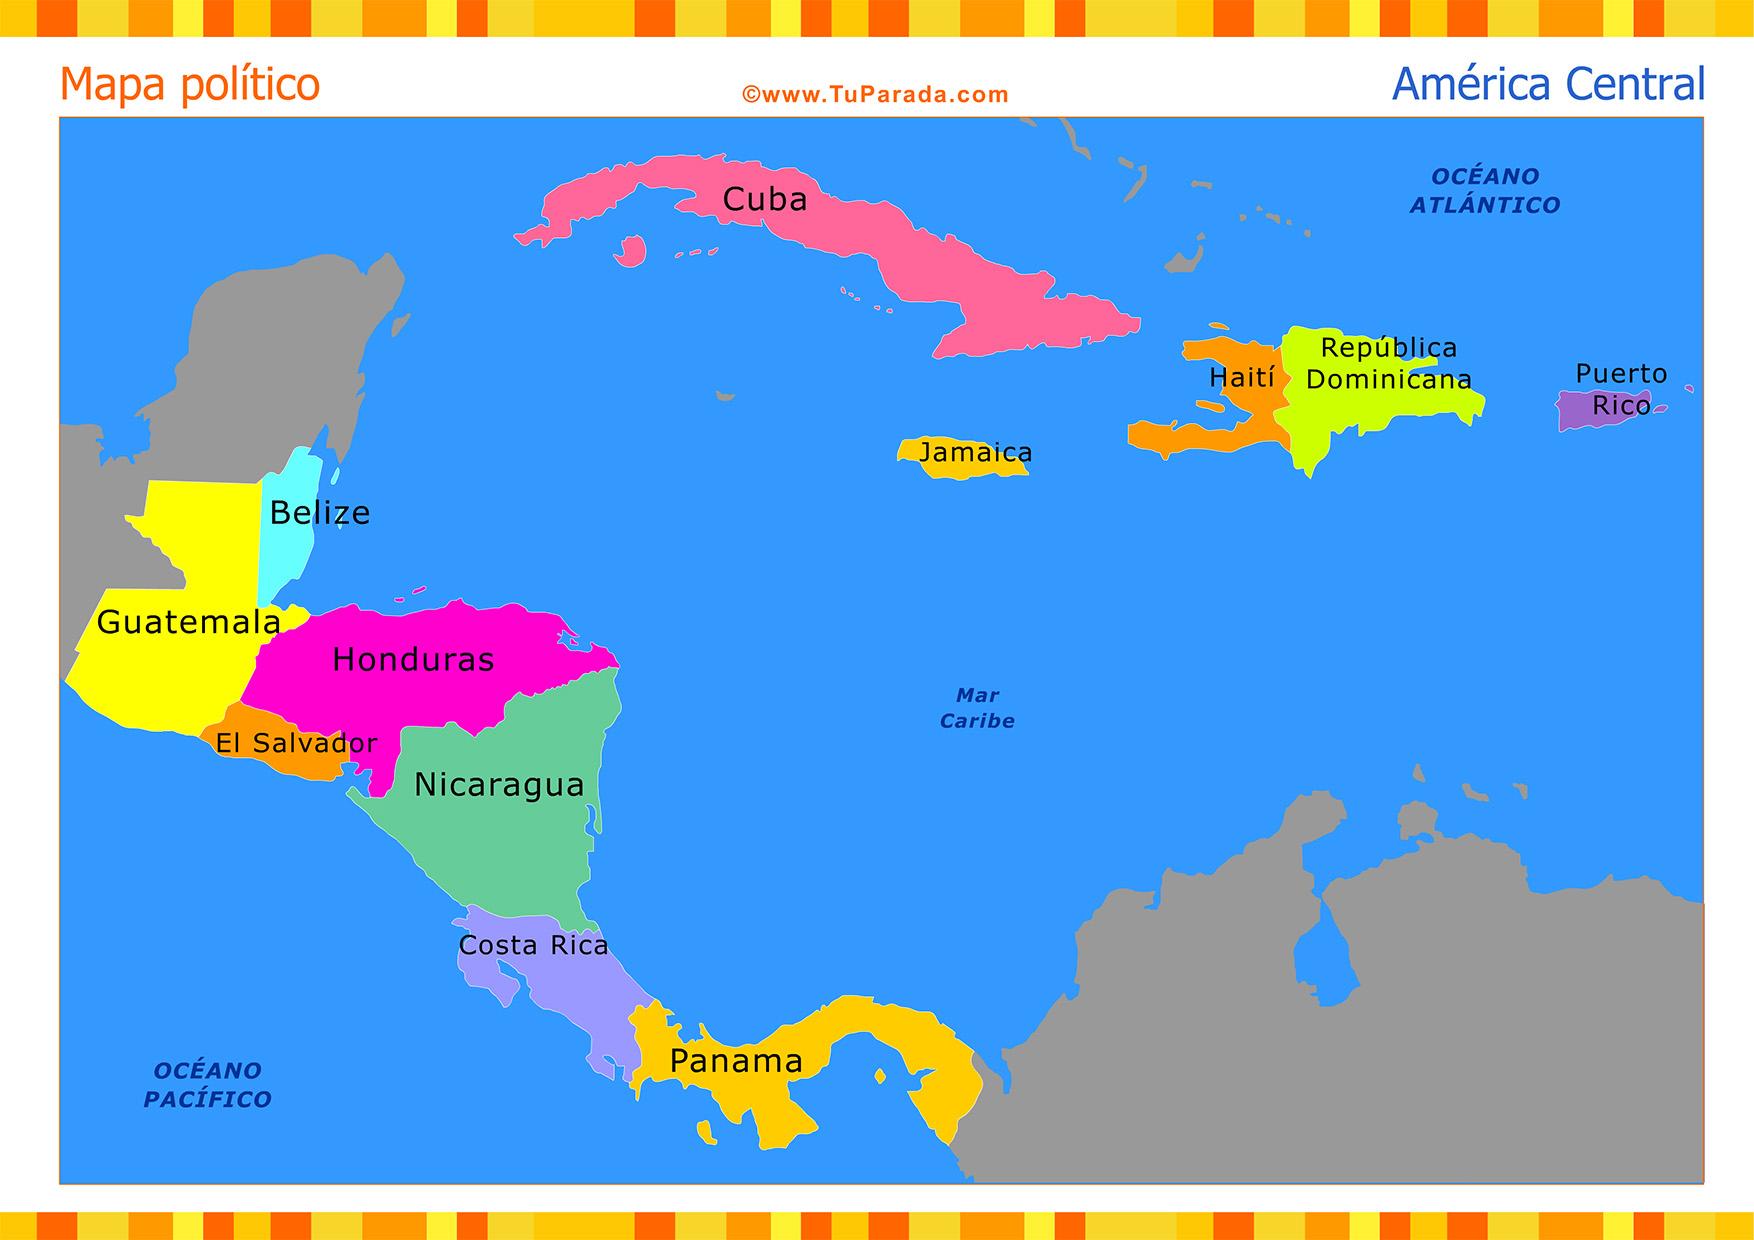 ... Mapa político de ...